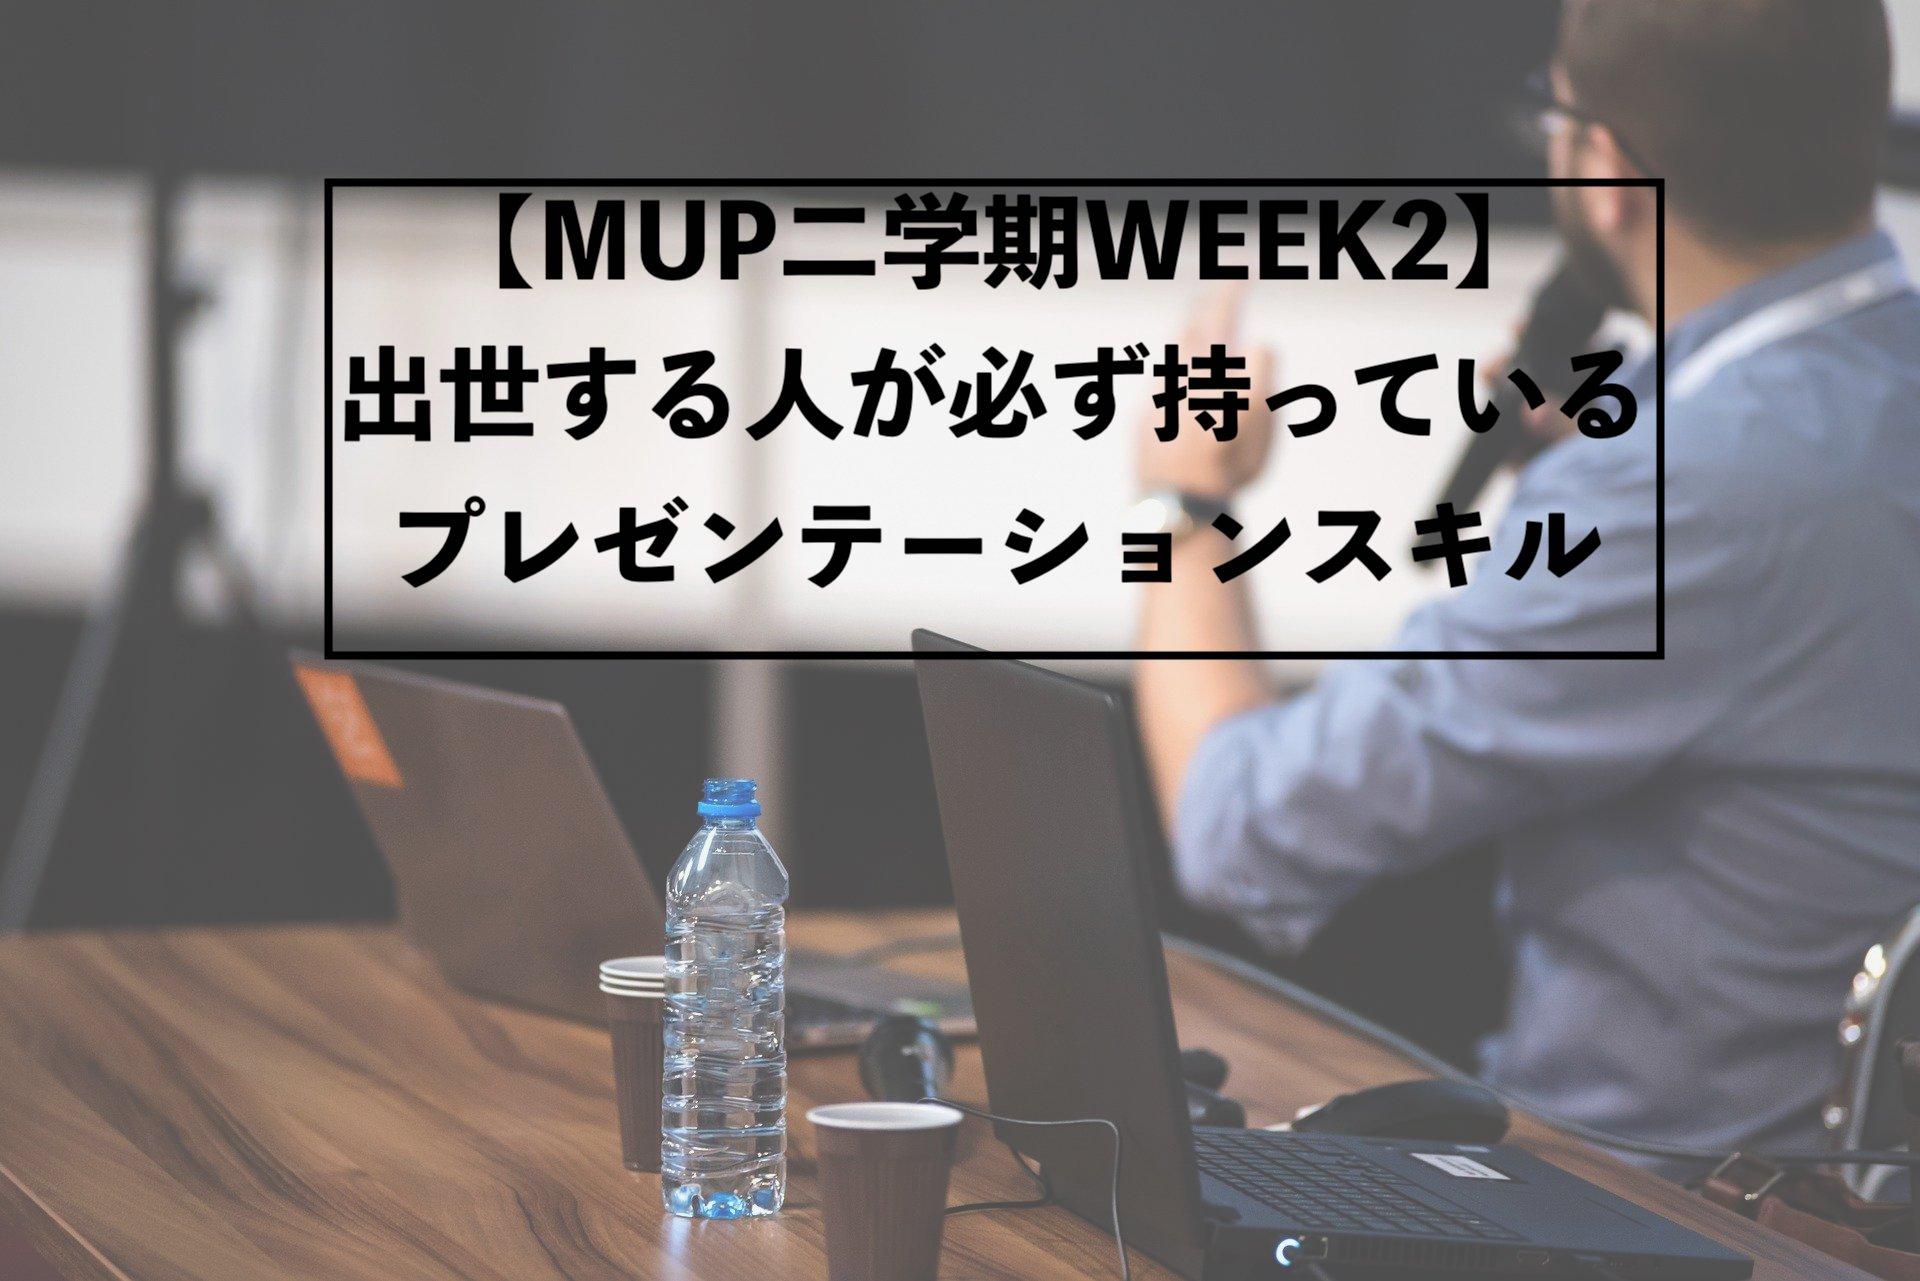 MUP二学期WEEK2 プレゼンテーションスキル